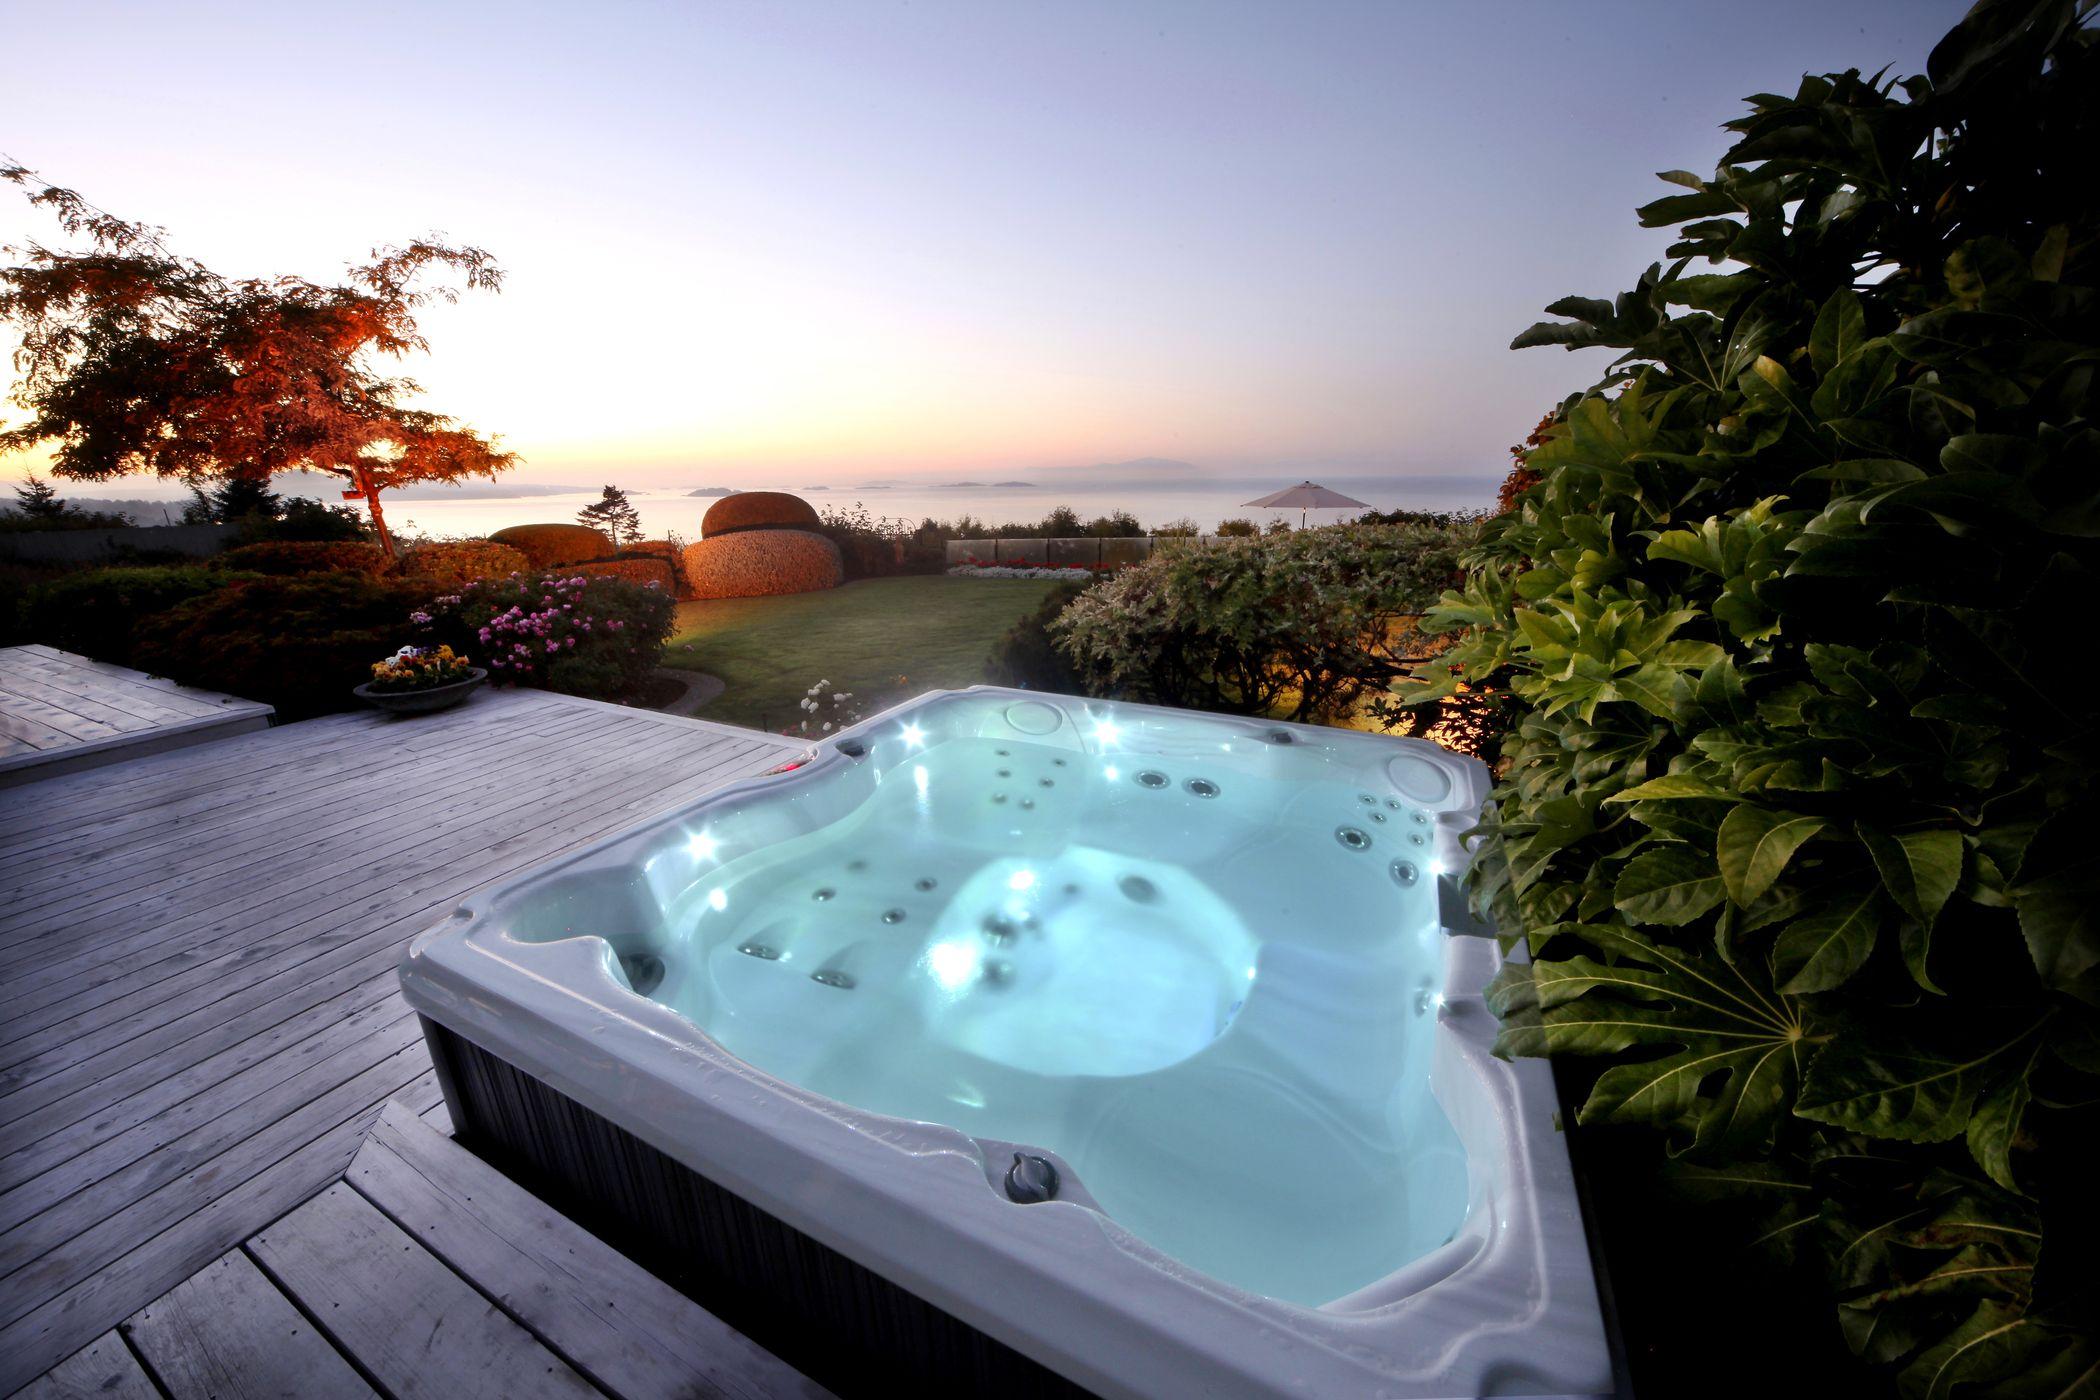 jacuzzi exterior spa hidromasaje de au 002 au Admirez le coucher du soleil en profitant du0027un massage relaxant. Jacuzzi®,  60 ans du0027expérience dans lu0027hydromassage. #jacuzzi #terrasse